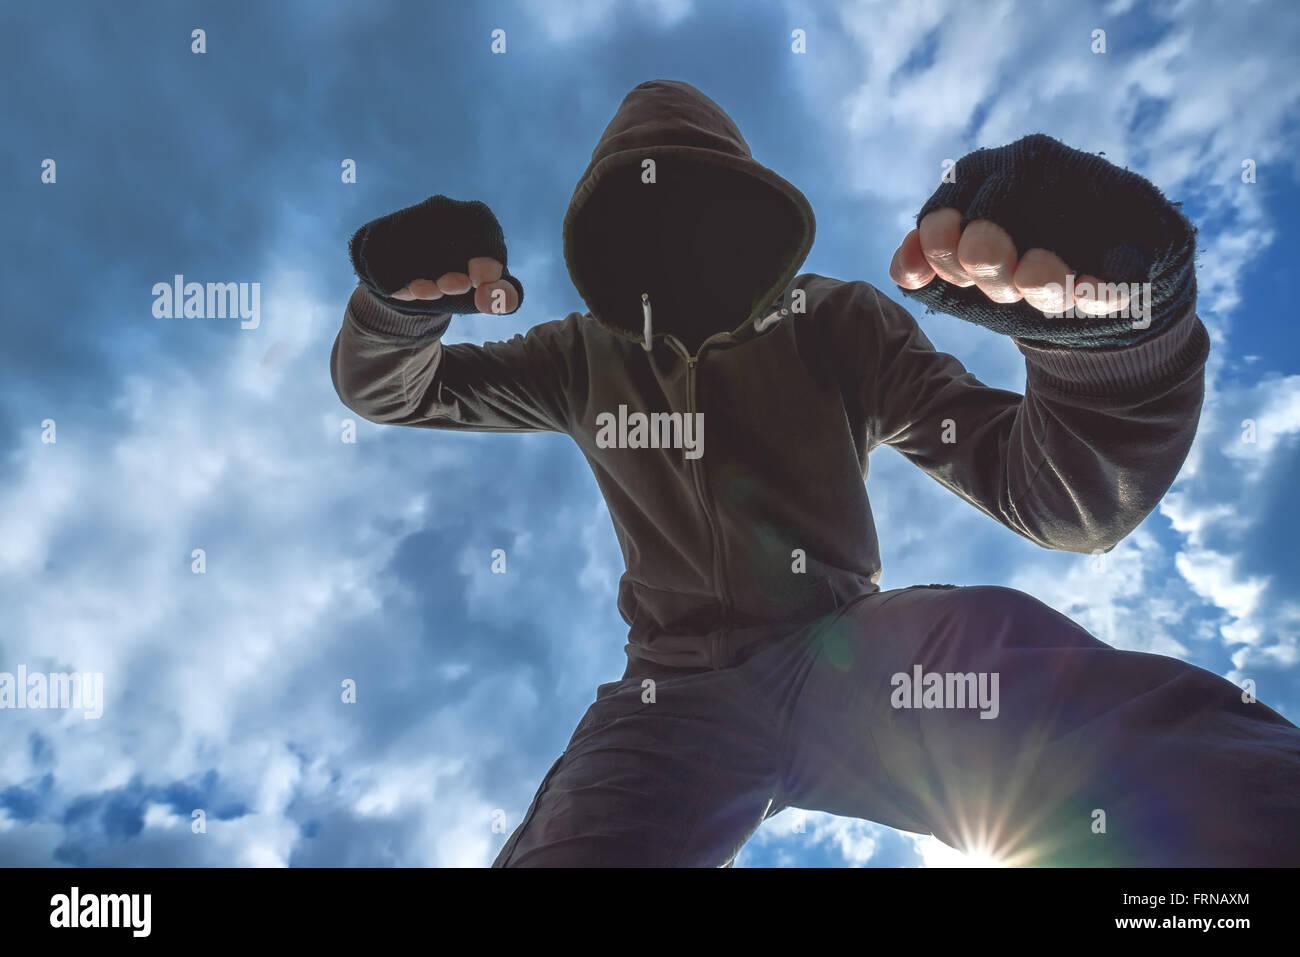 Attaque violente, méconnaissable Sweats Homme de frappe pénale victime dans la rue. Photo Stock